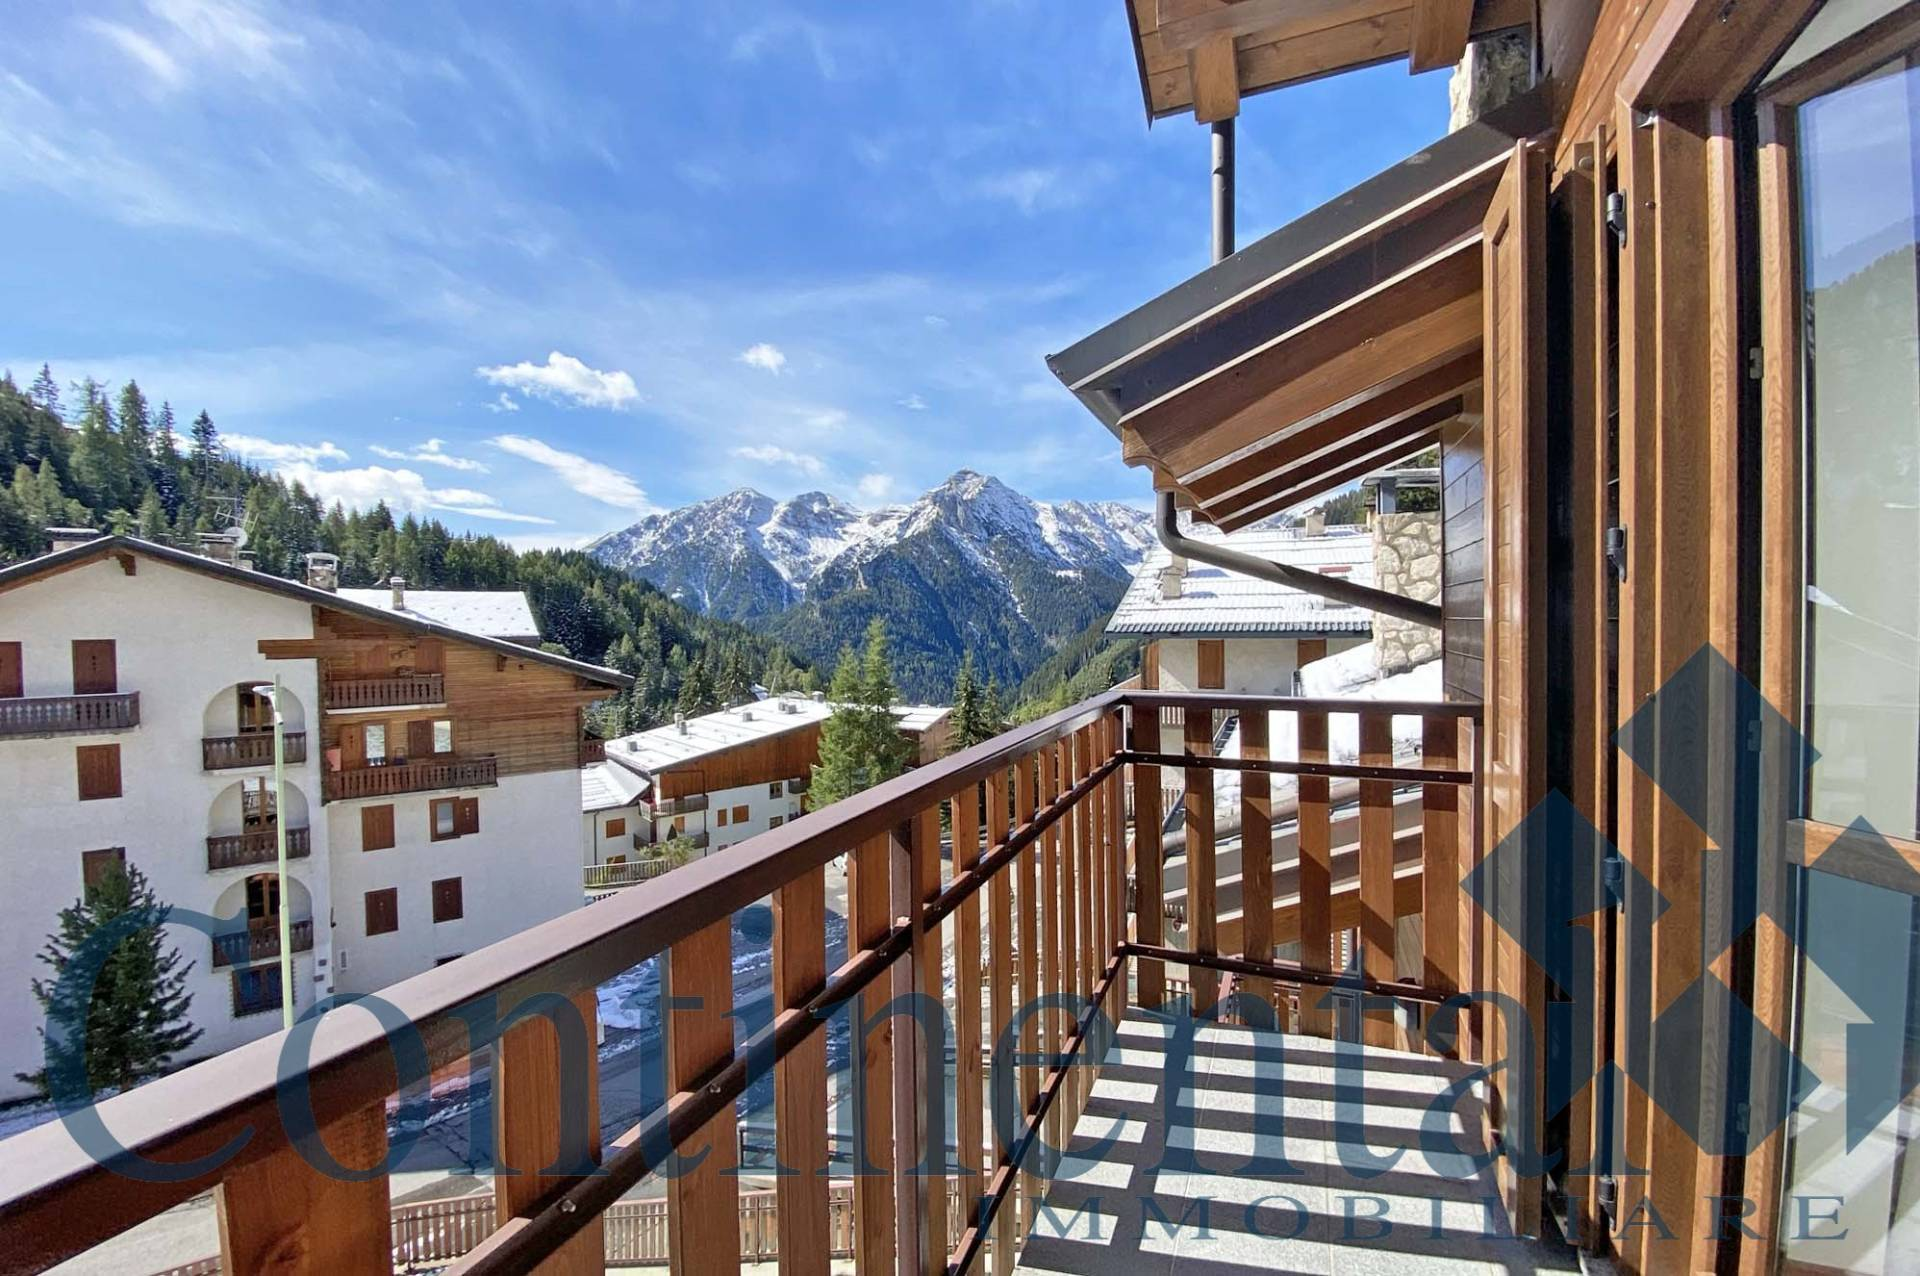 Appartamento in vendita a Foppolo, 2 locali, prezzo € 95.000 | PortaleAgenzieImmobiliari.it